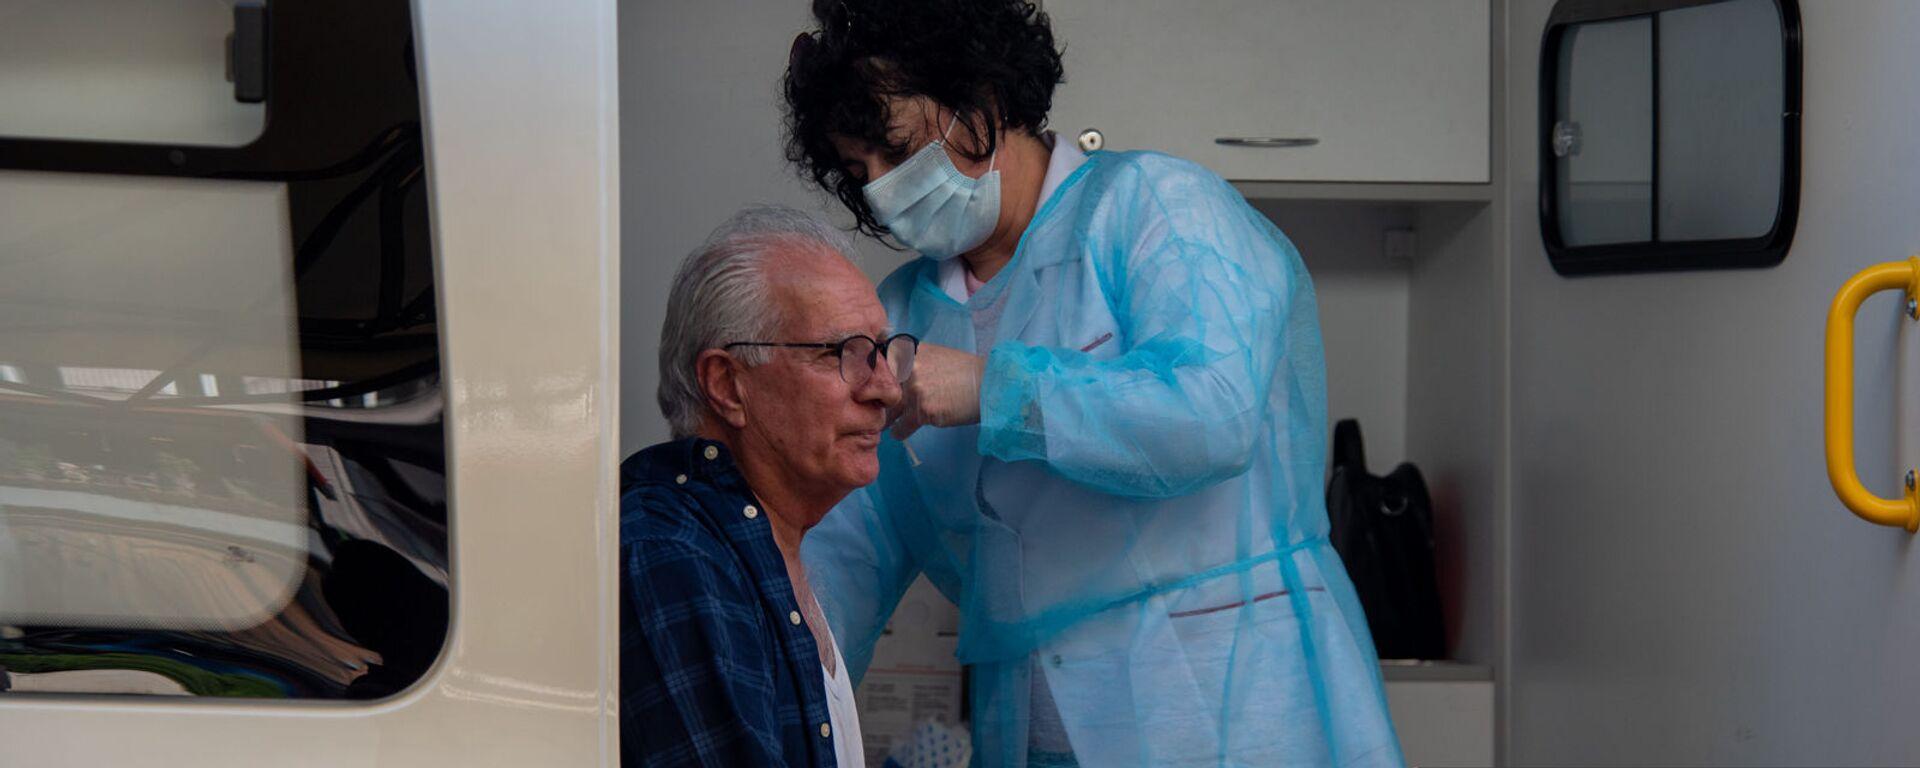 Иностранцы прививаются в мобильной точке по прививке граждан на Северном Проспекте (7 мая 2021 год), Ереaн - Sputnik Армения, 1920, 24.09.2021